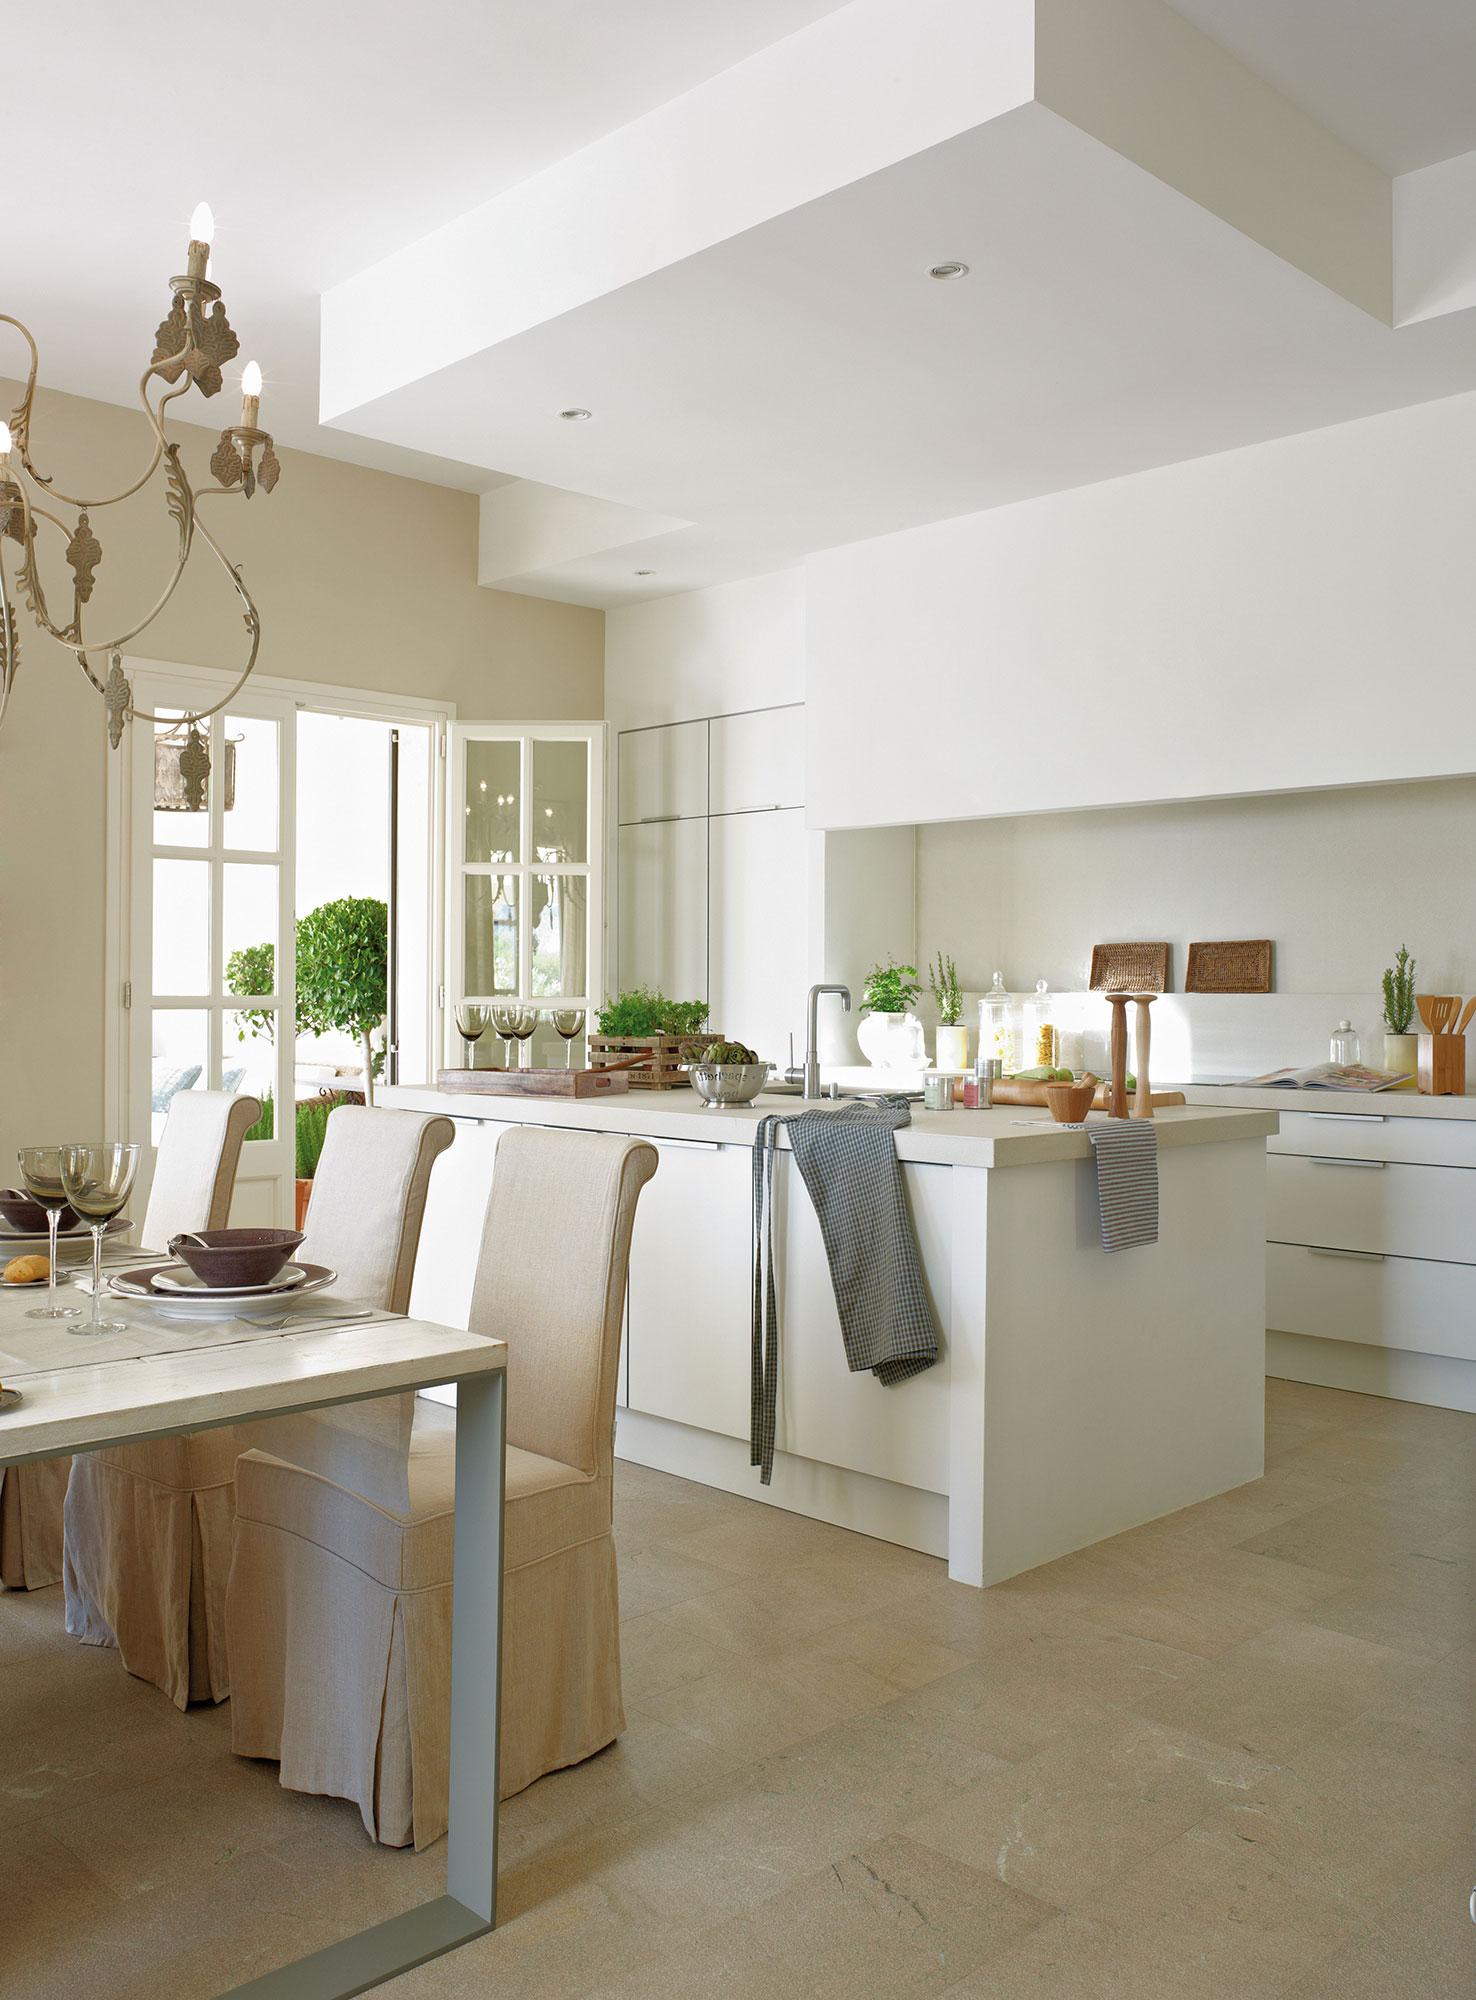 Cocinas blancas Encimeras de cocina de piedra baratas